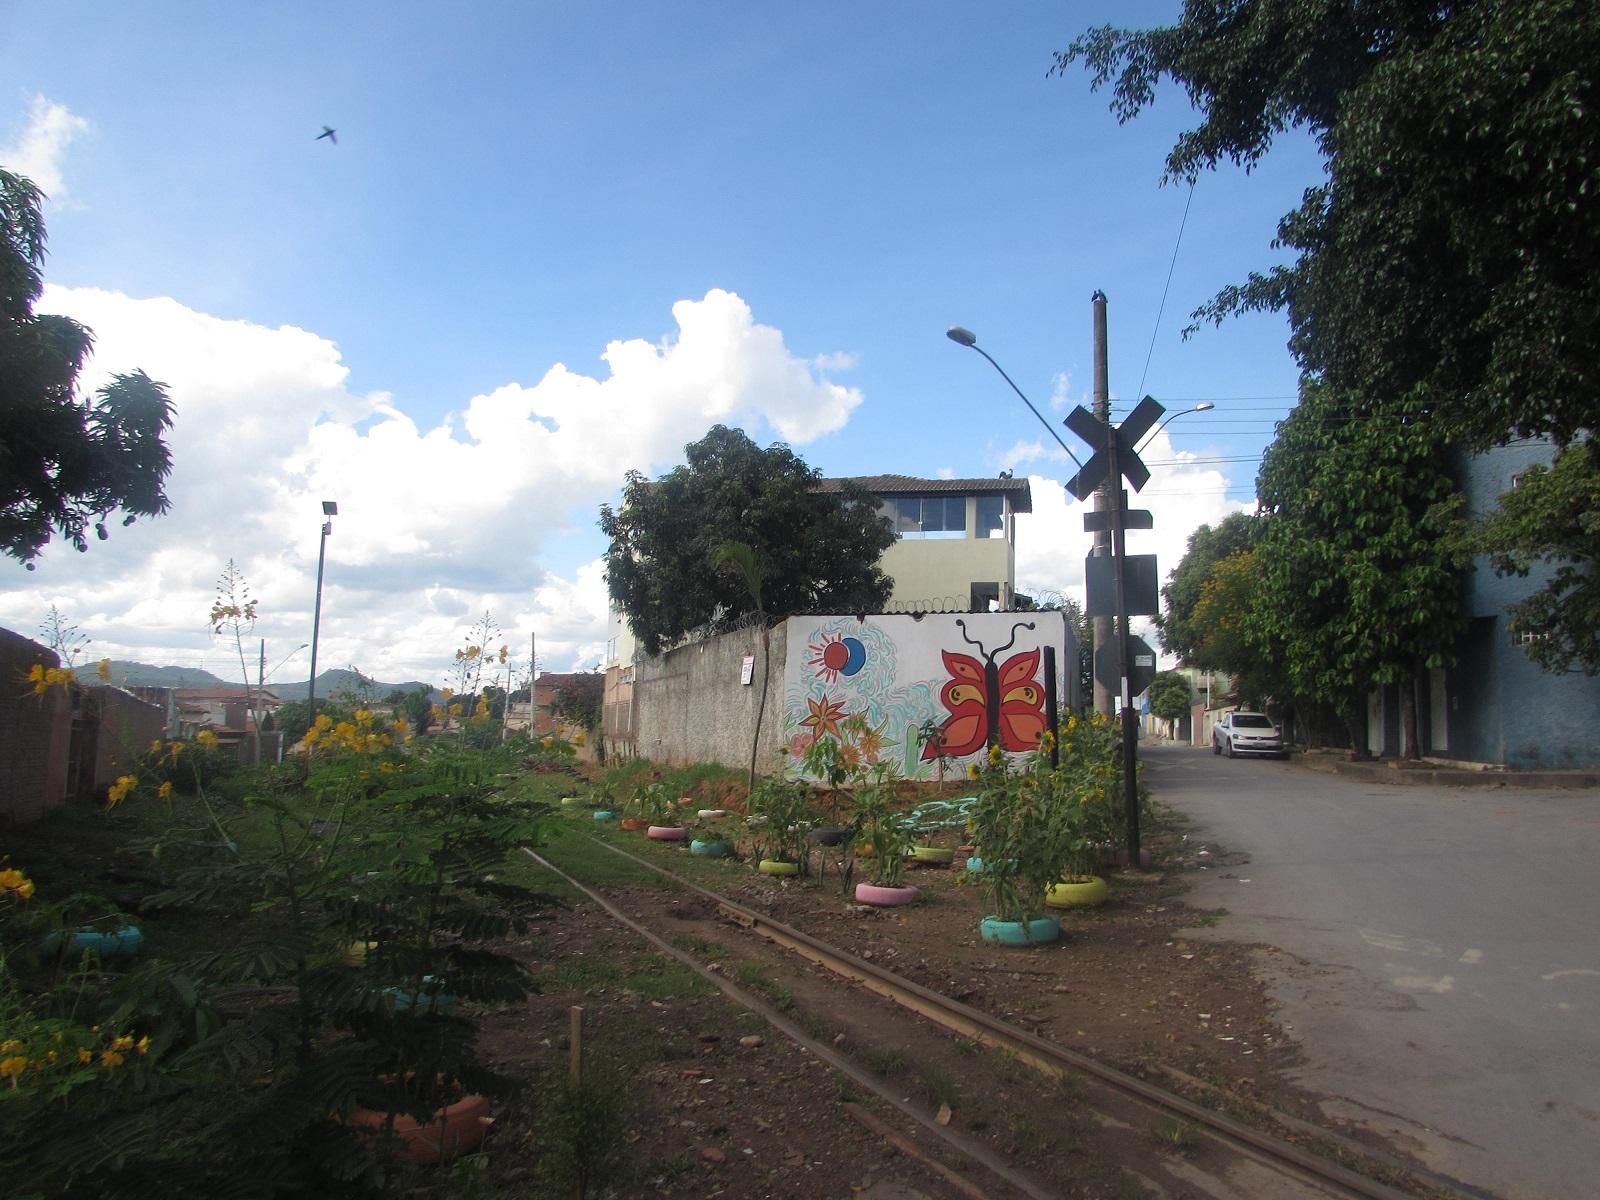 Imagem de destaque Prefeitura acaba com lixão e ajuda população a revitalizar margens da linha férrea